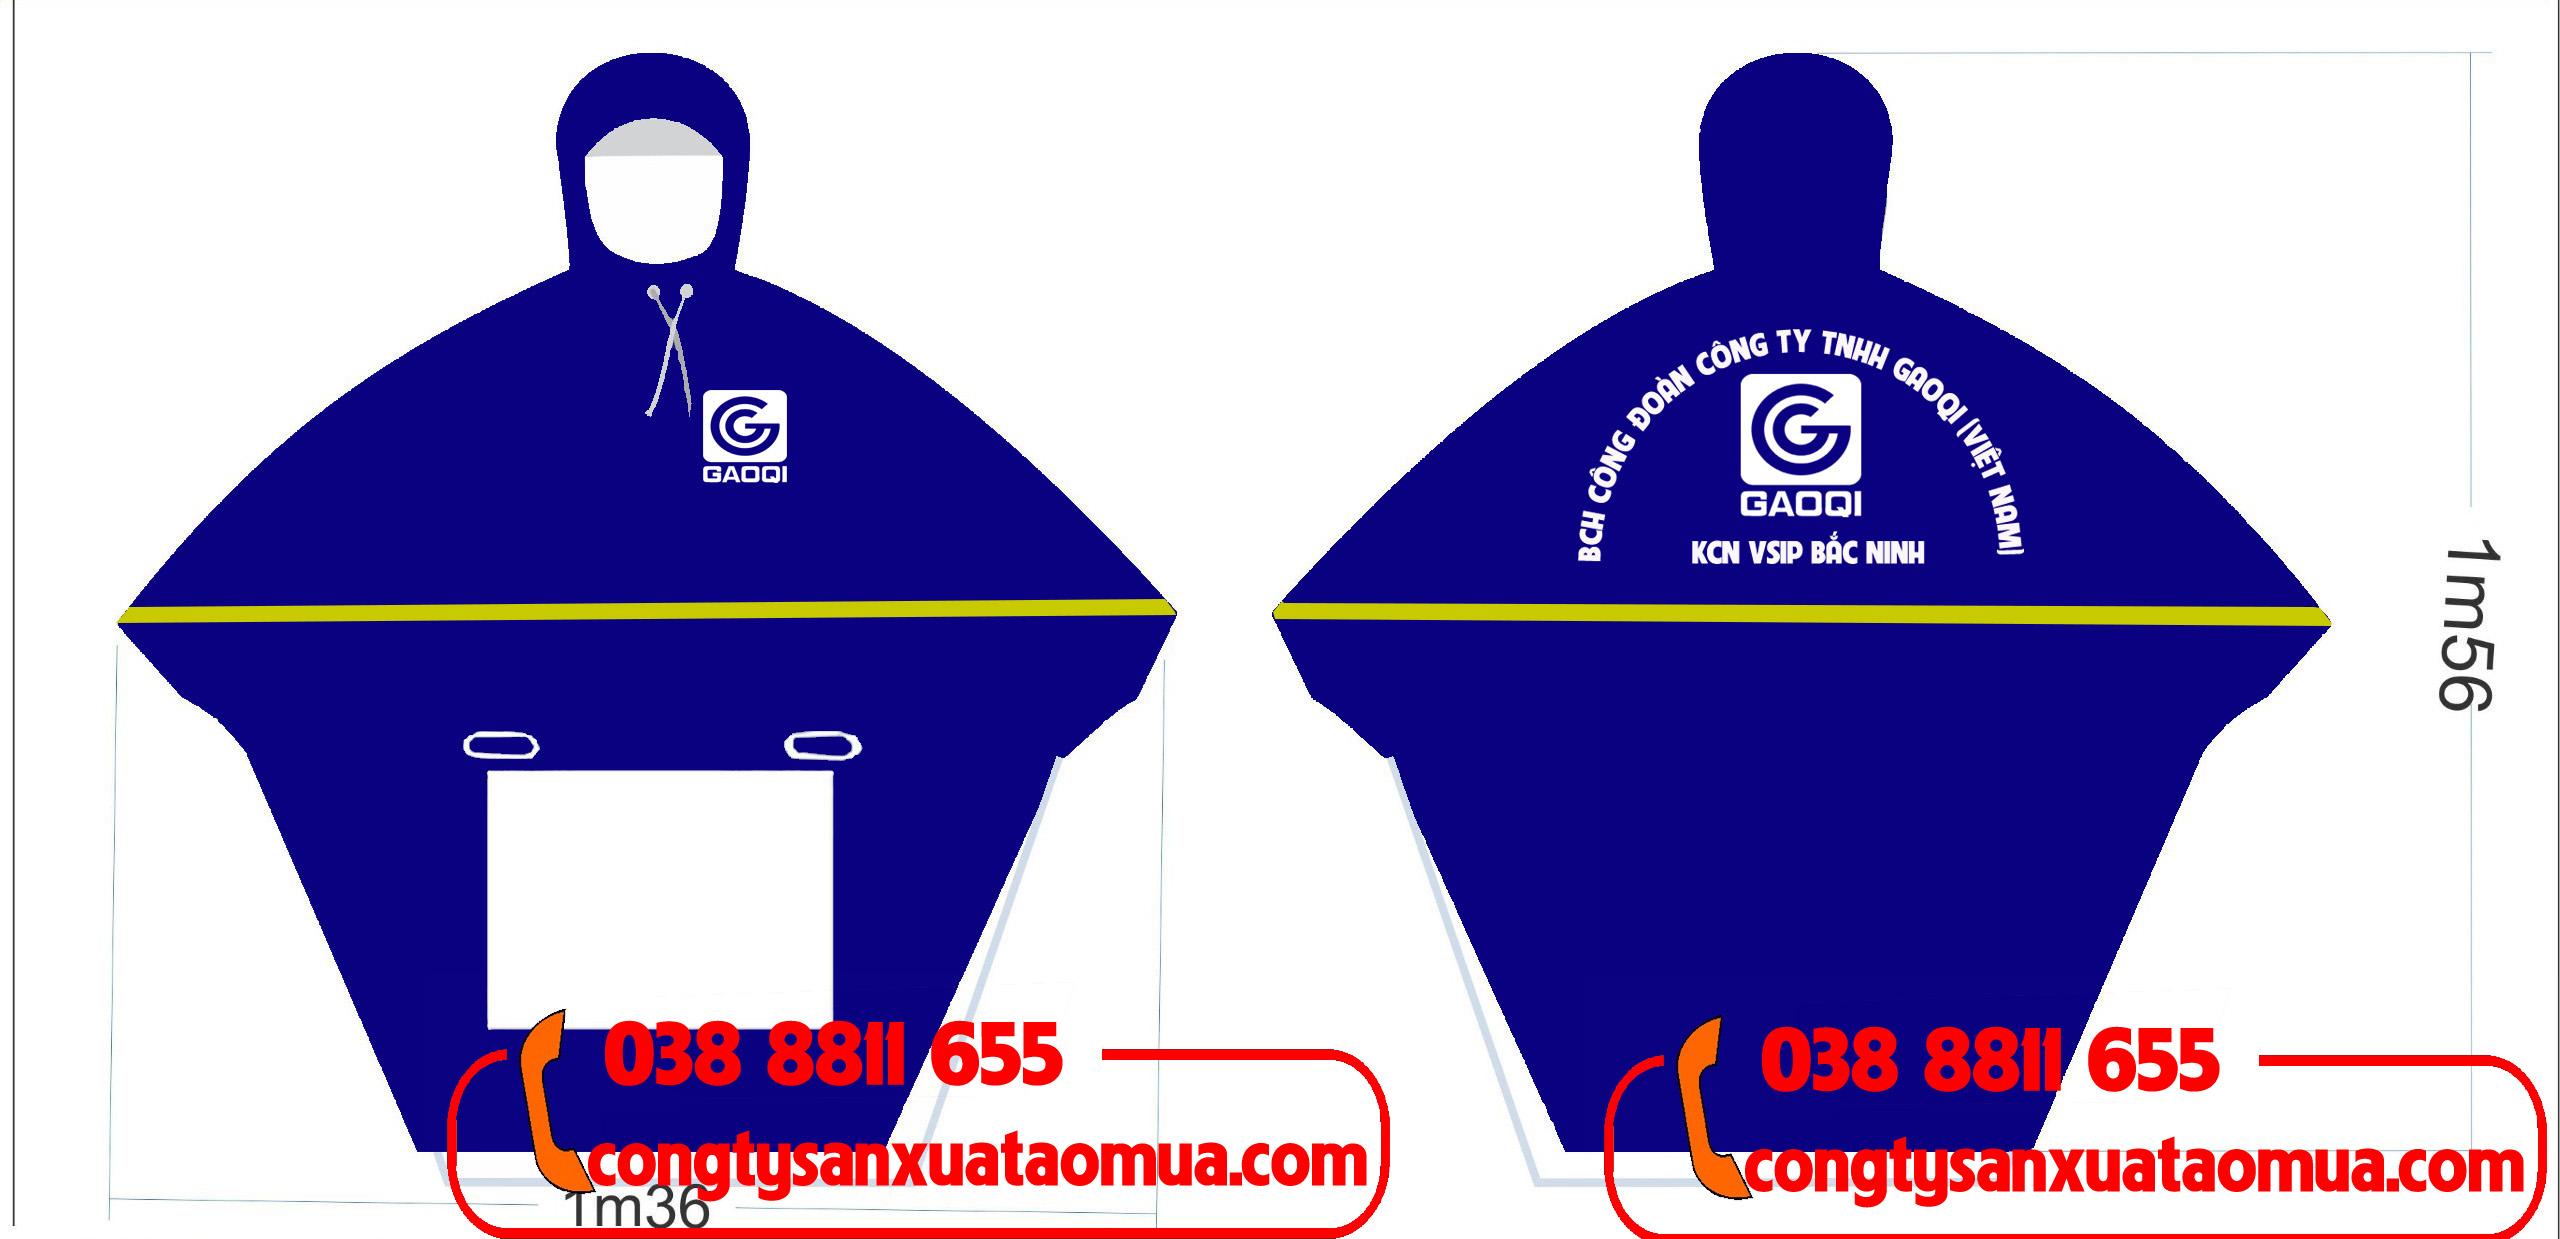 xưởng sản xuất áo mưa in logo lên áo mưa theo yêu cầu